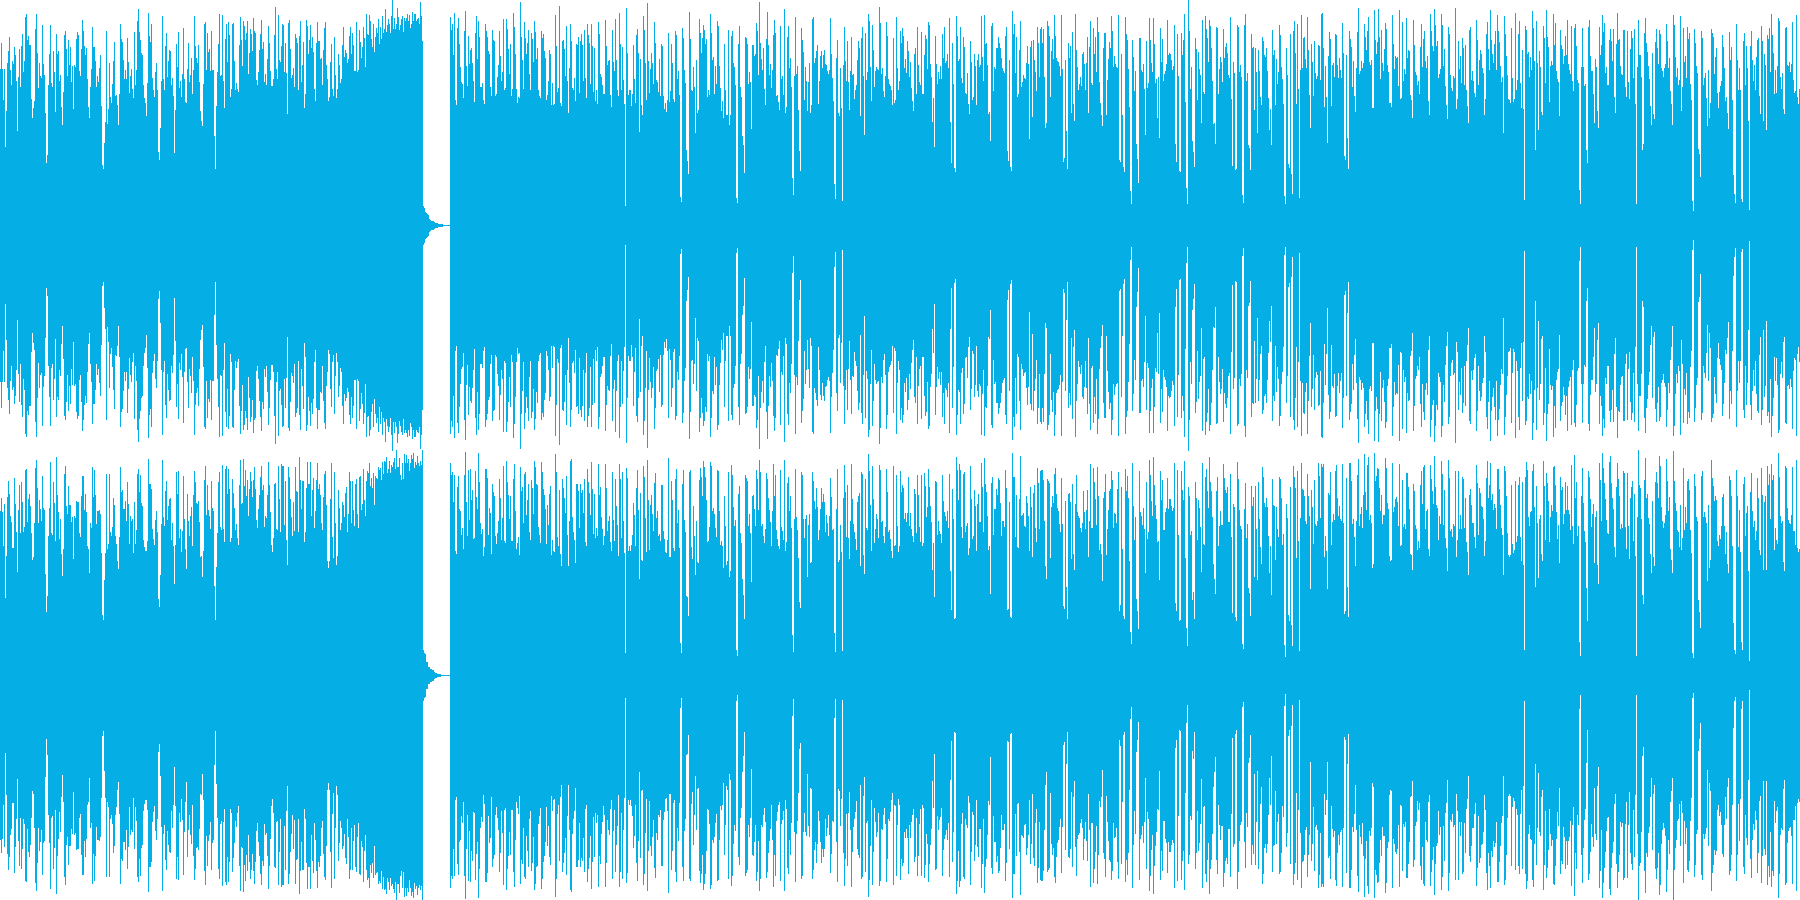 【チップチューン/ビルドアップ】の再生済みの波形